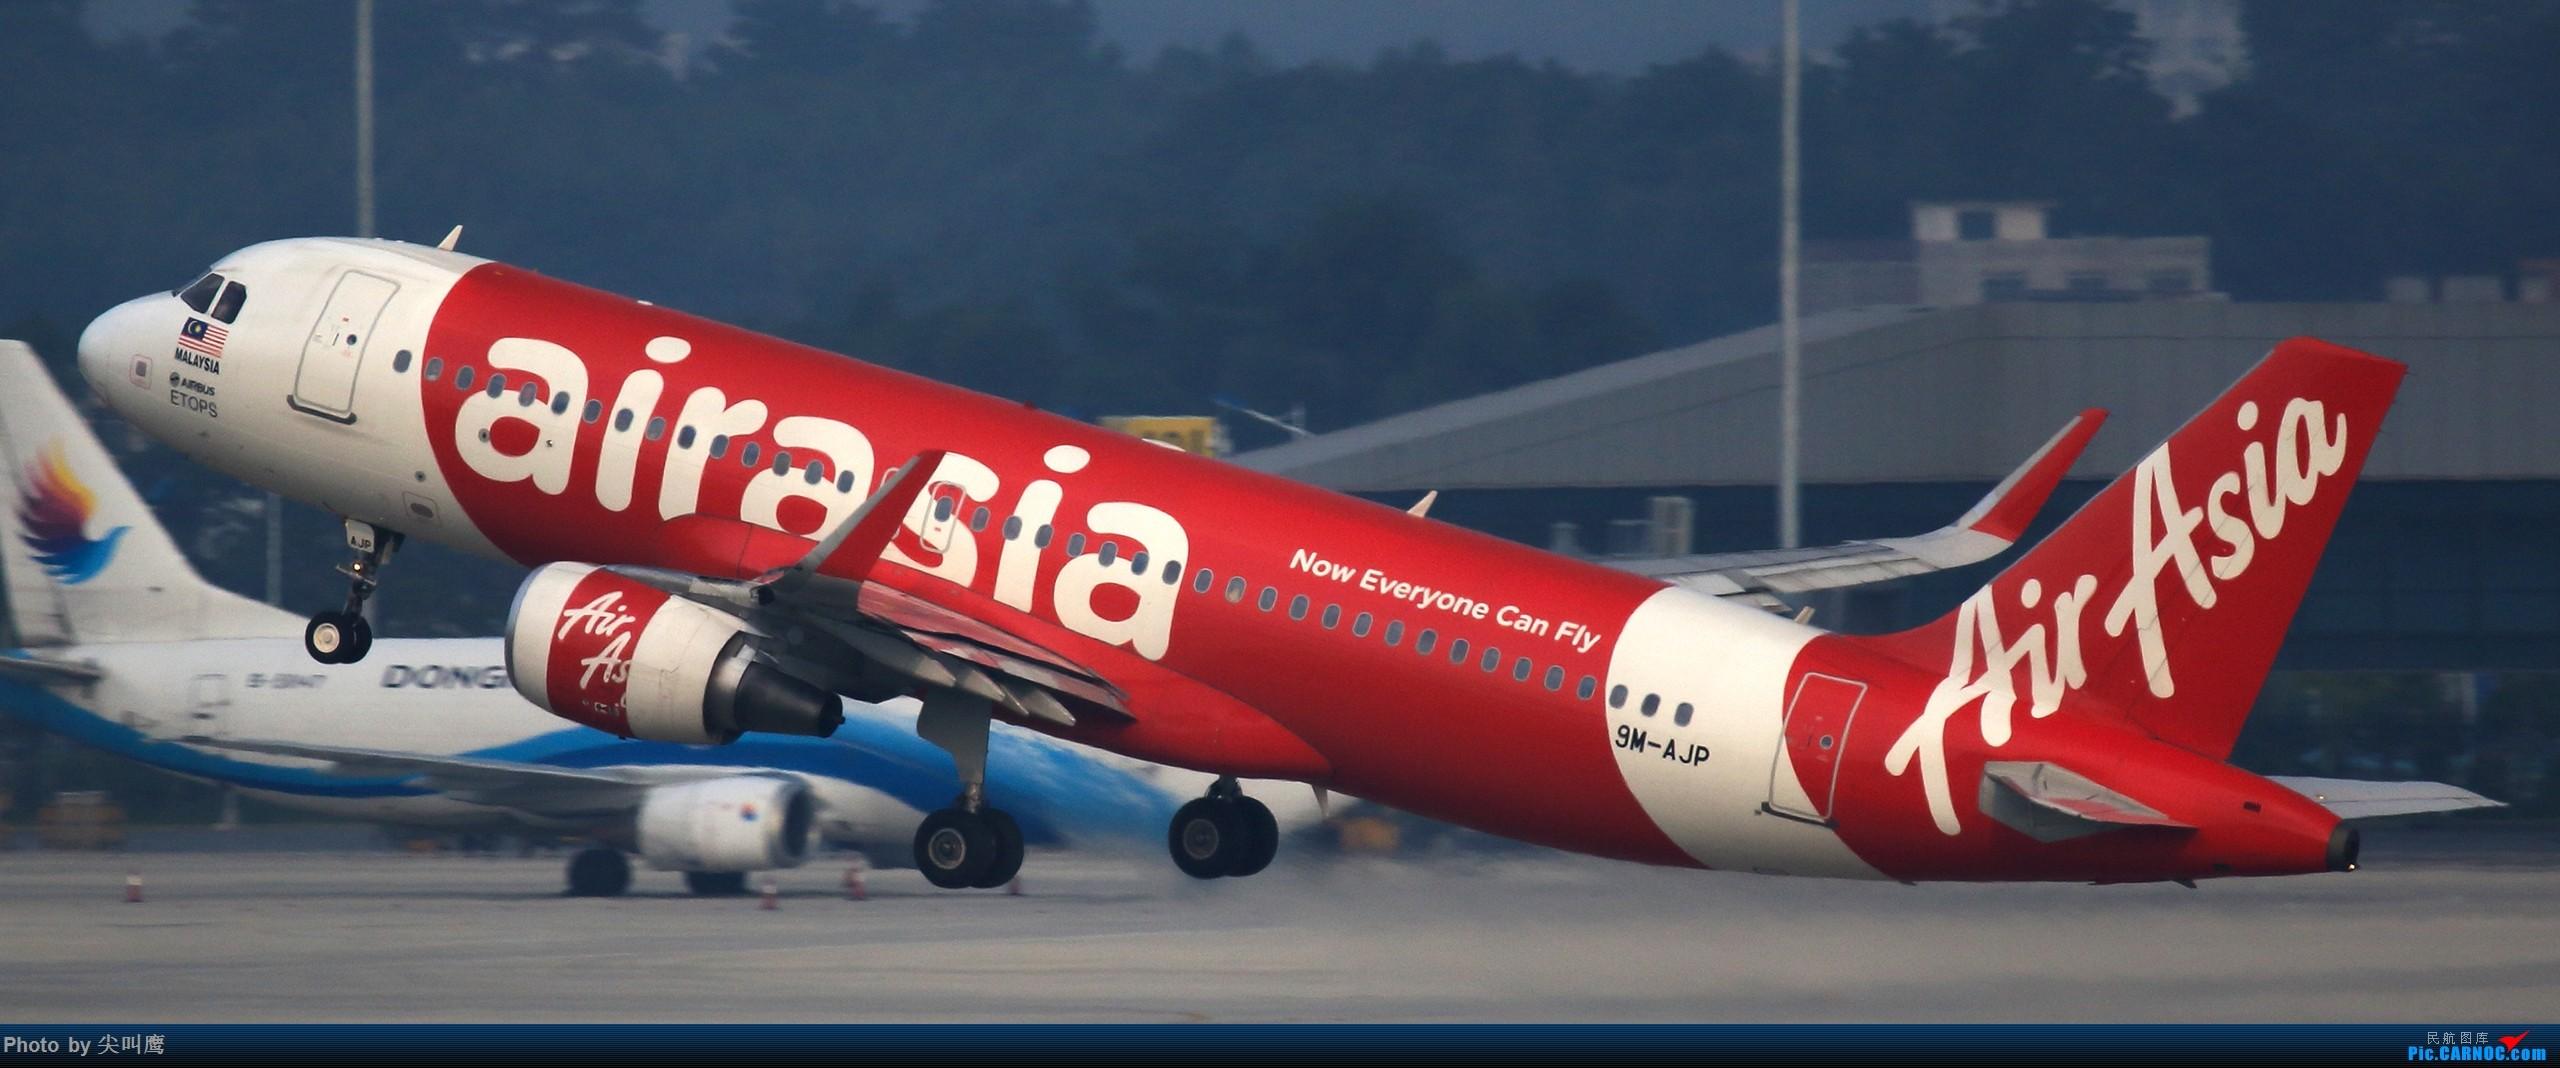 Re:[原创]NNG的亚航小合集 AIRBUS A320 9M-AJP 中国南宁吴圩国际机场